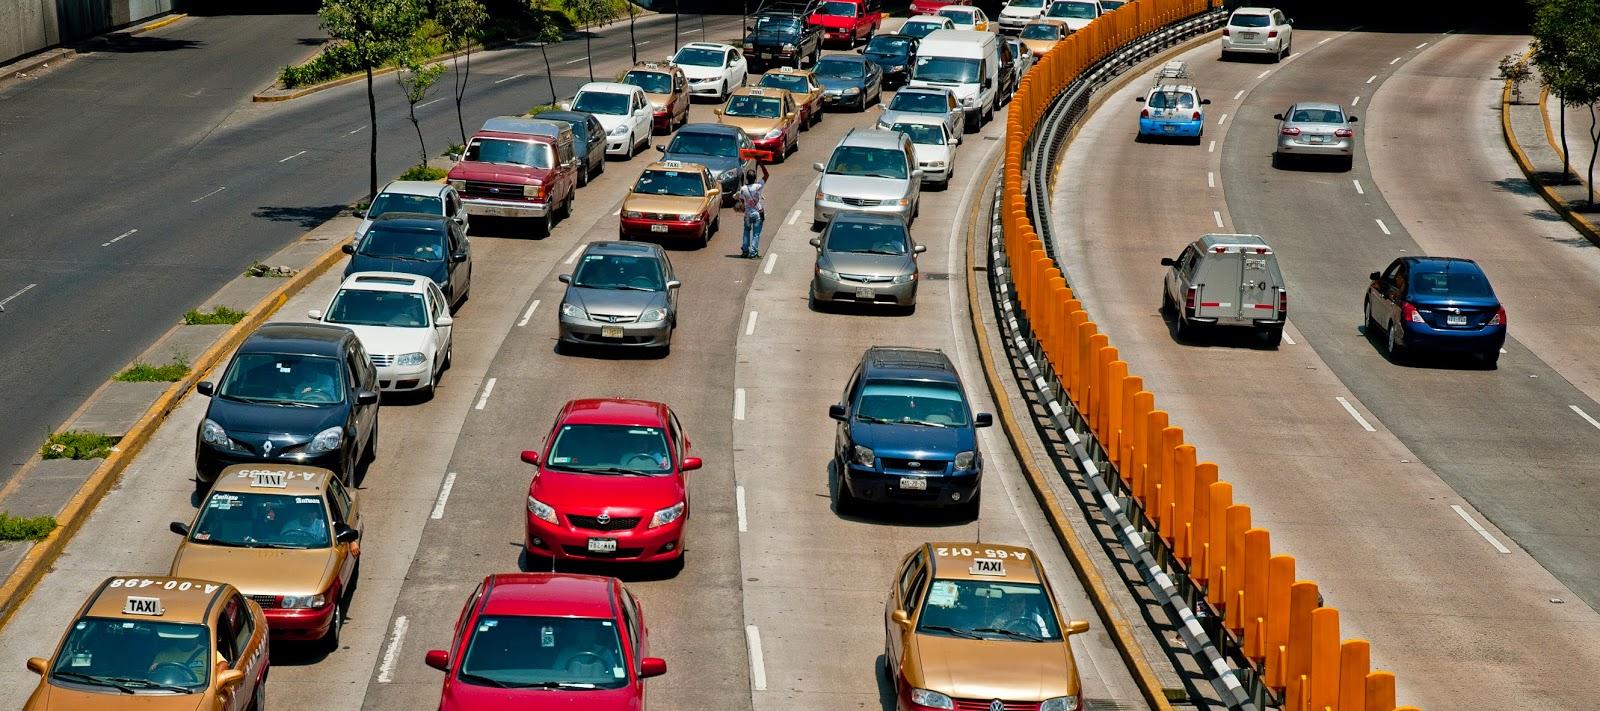 congestión tráfico,Tom tom 2013